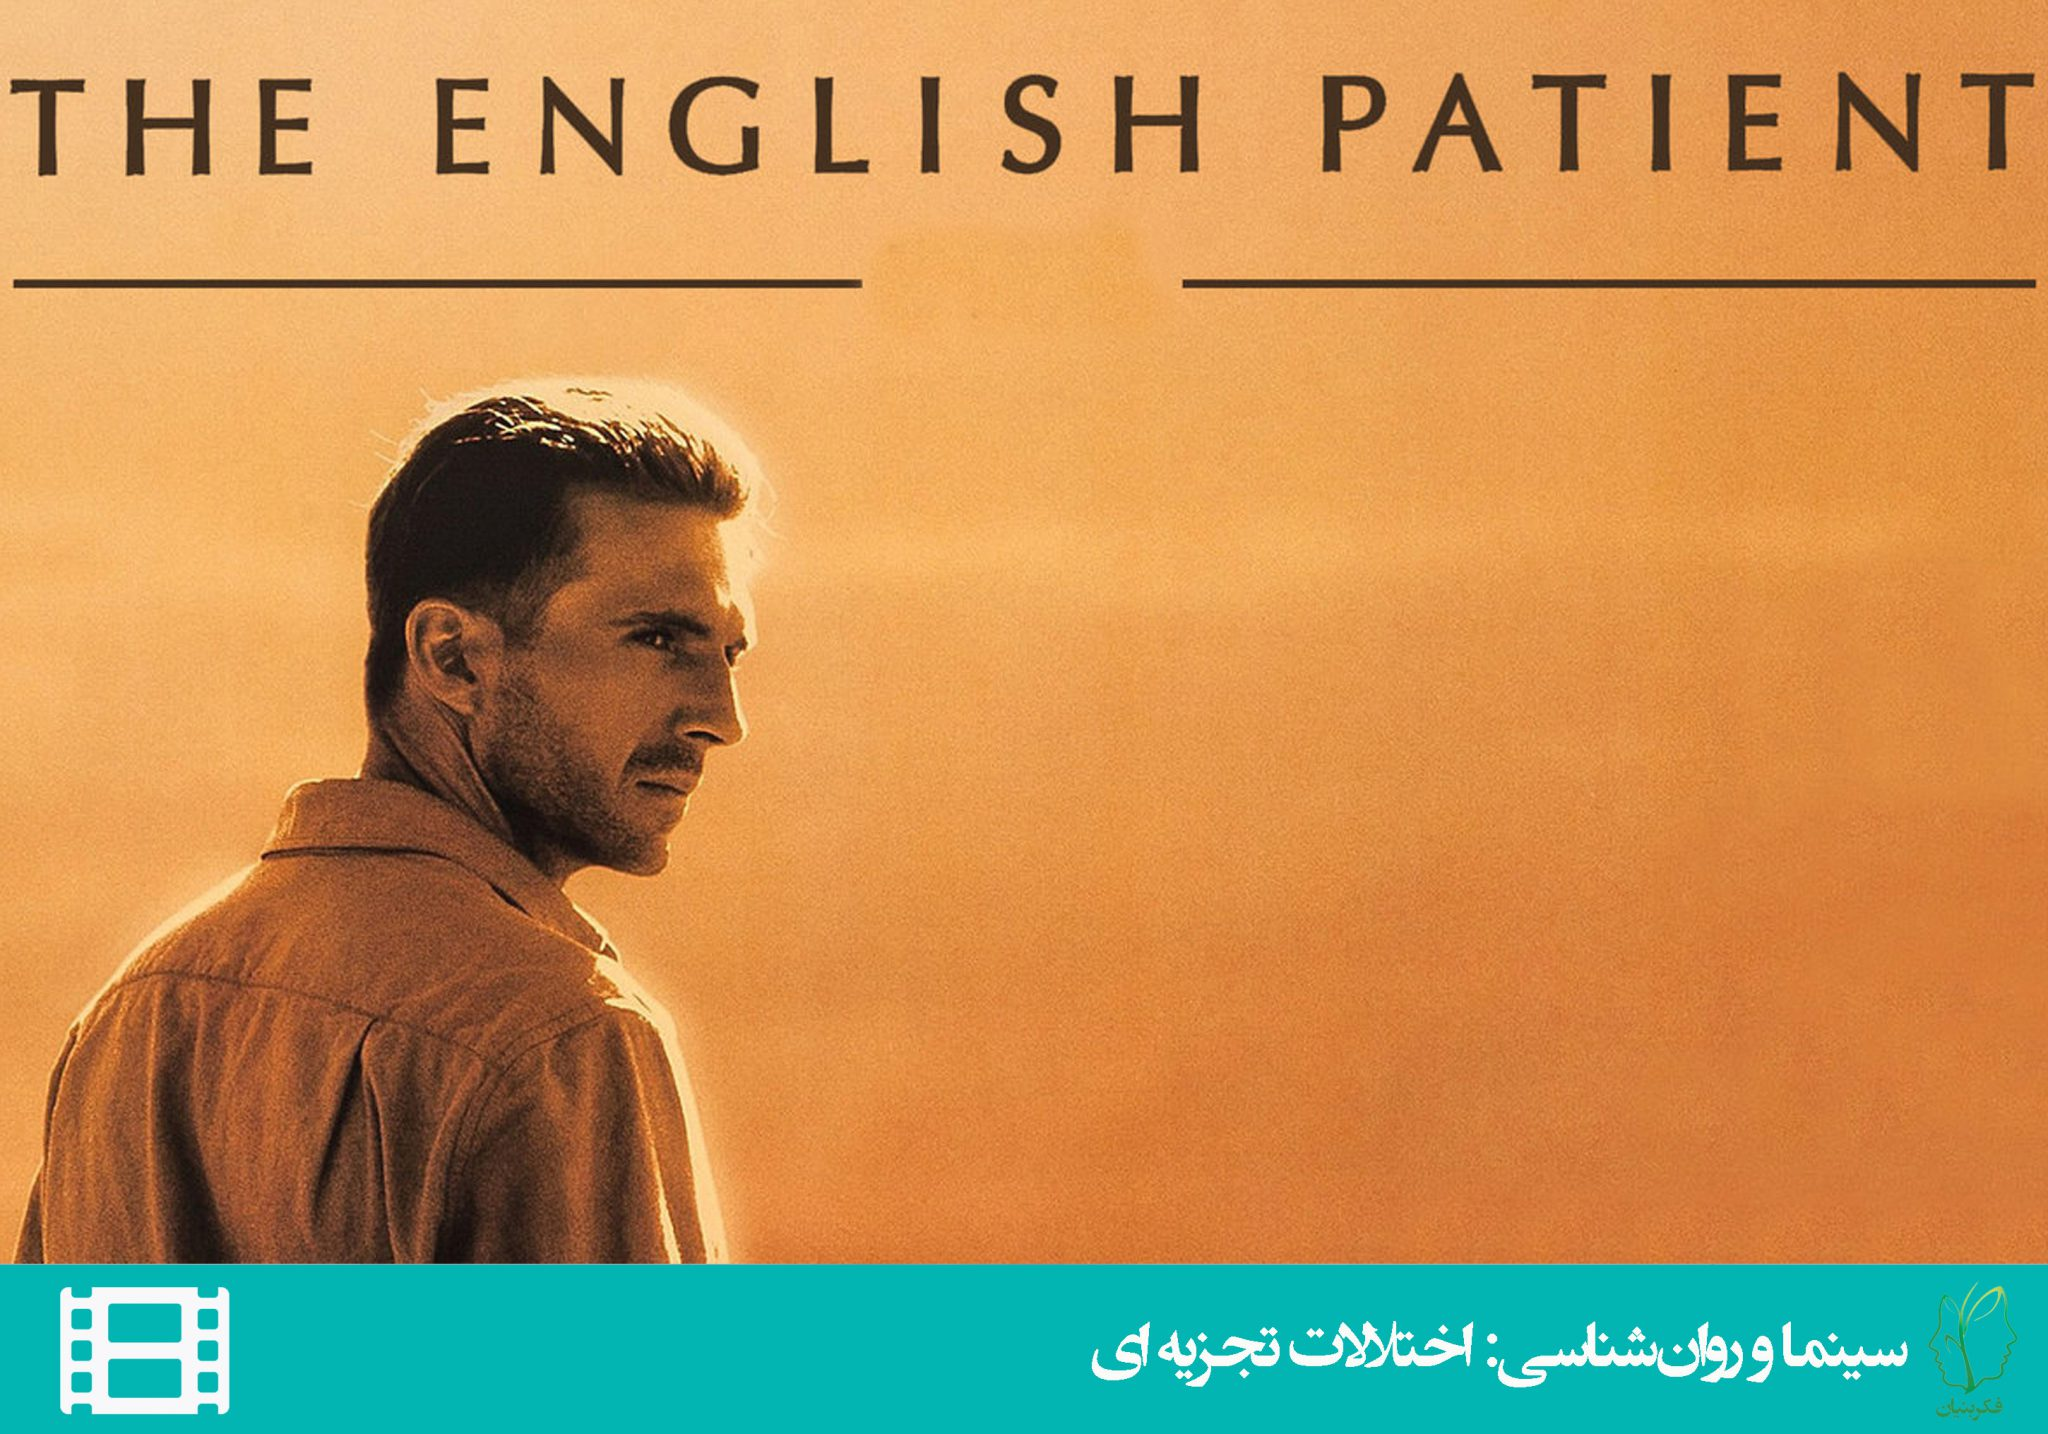 فیلم بیمار انگلیسی